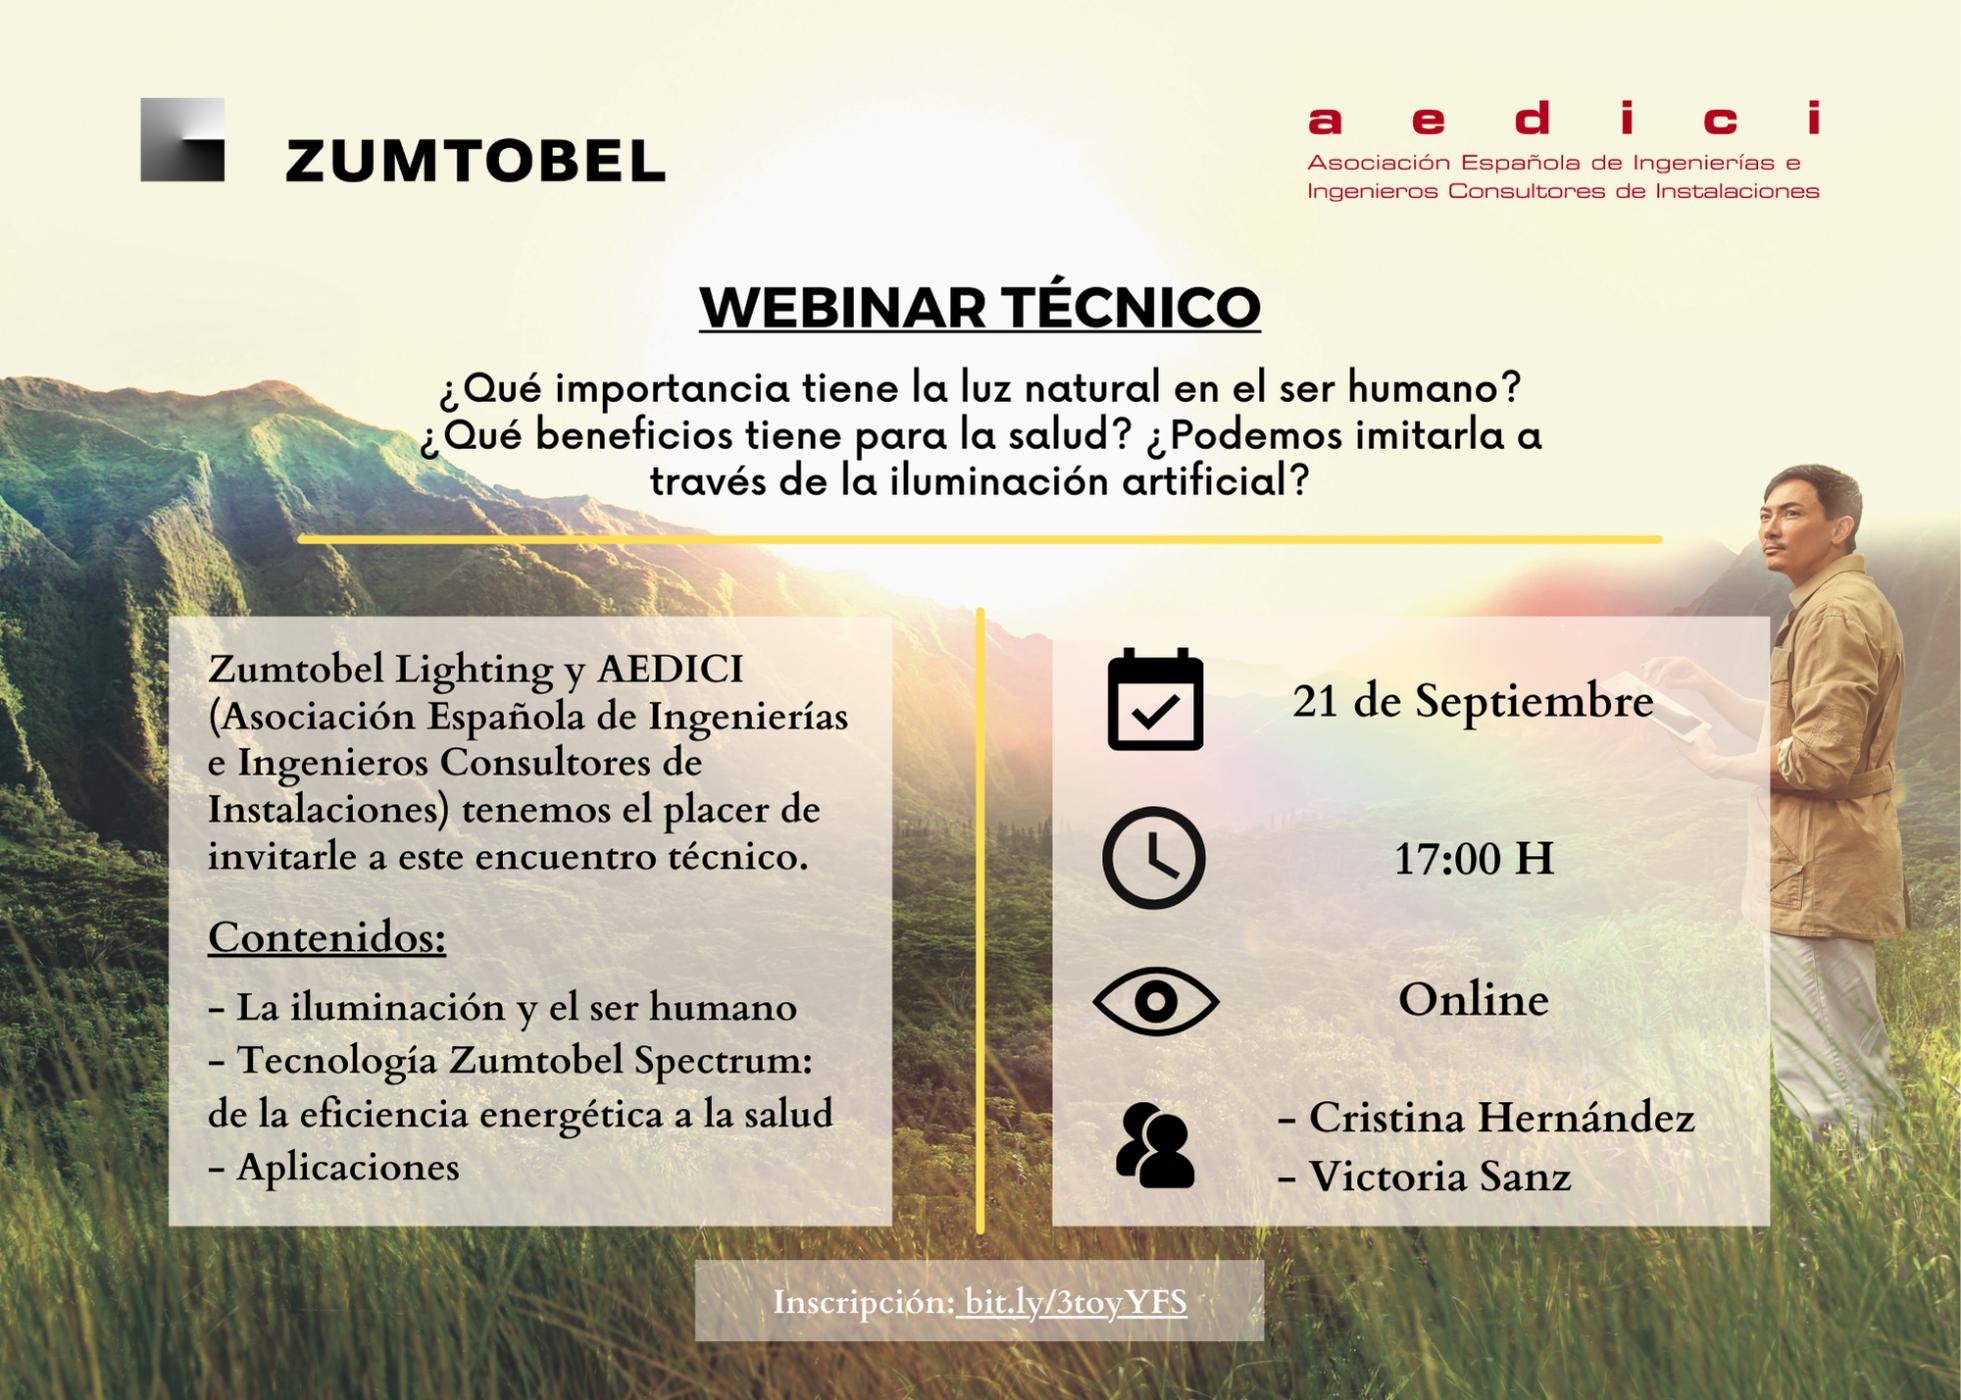 Invitación Evento Zumtobel